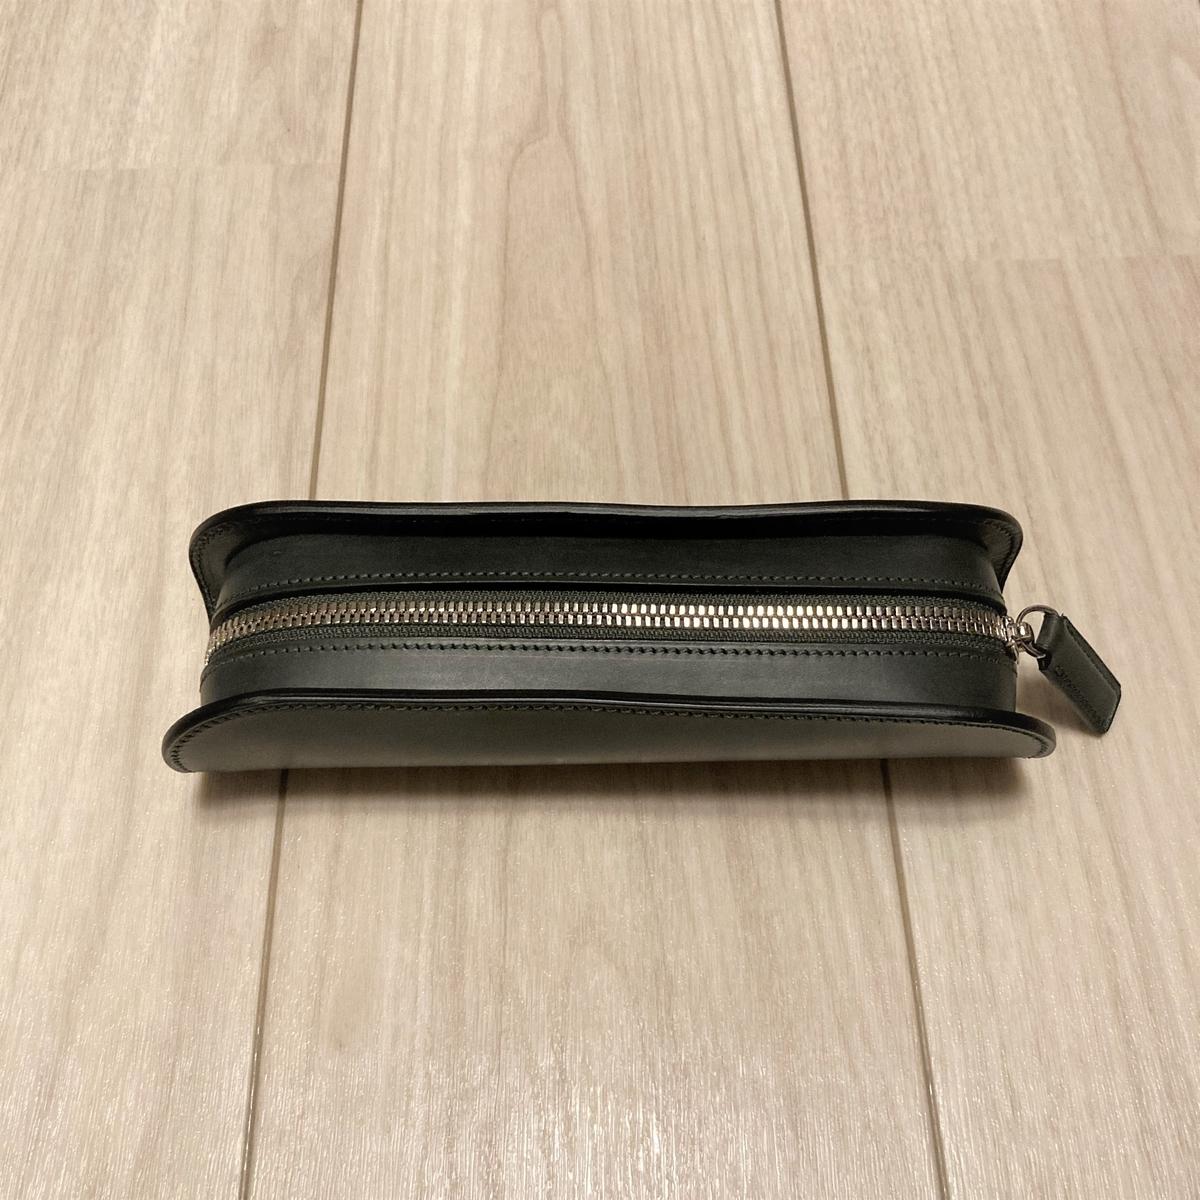 万双 革 革製品 レザー ブライドル 財布 長財布 双鞣和地 ダークグリーン 小銭 金運 ペンケース ブライドル